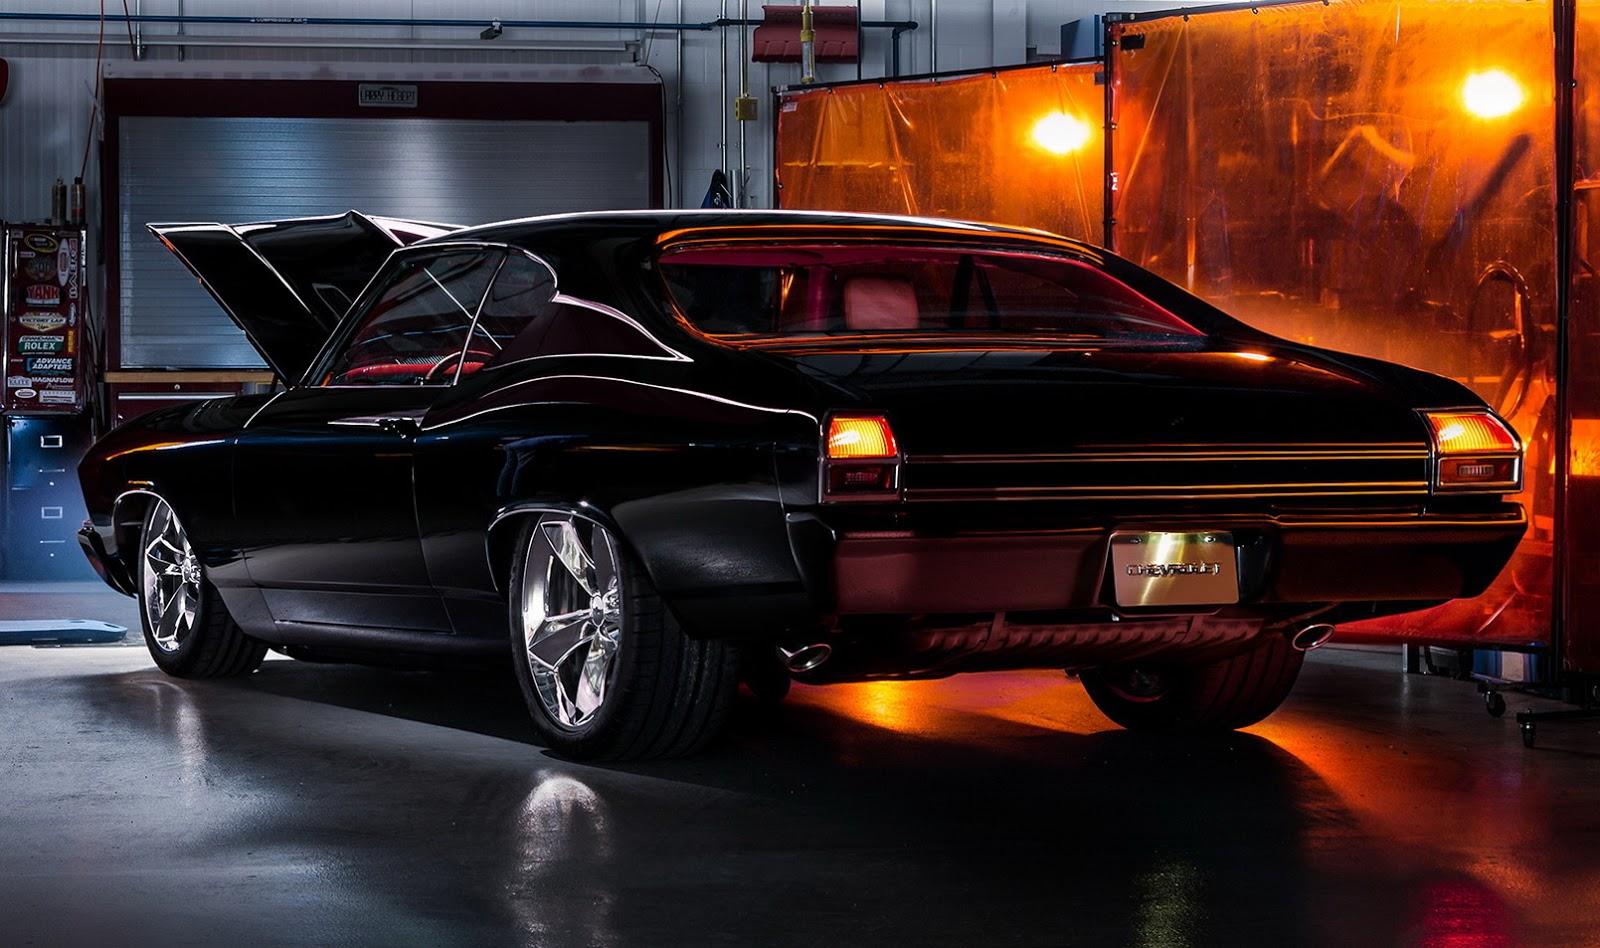 Chevy Chevelle 2016 >> Chevy Chevelle Slammer Ol Skool Muscle Concept Dengan Fitur